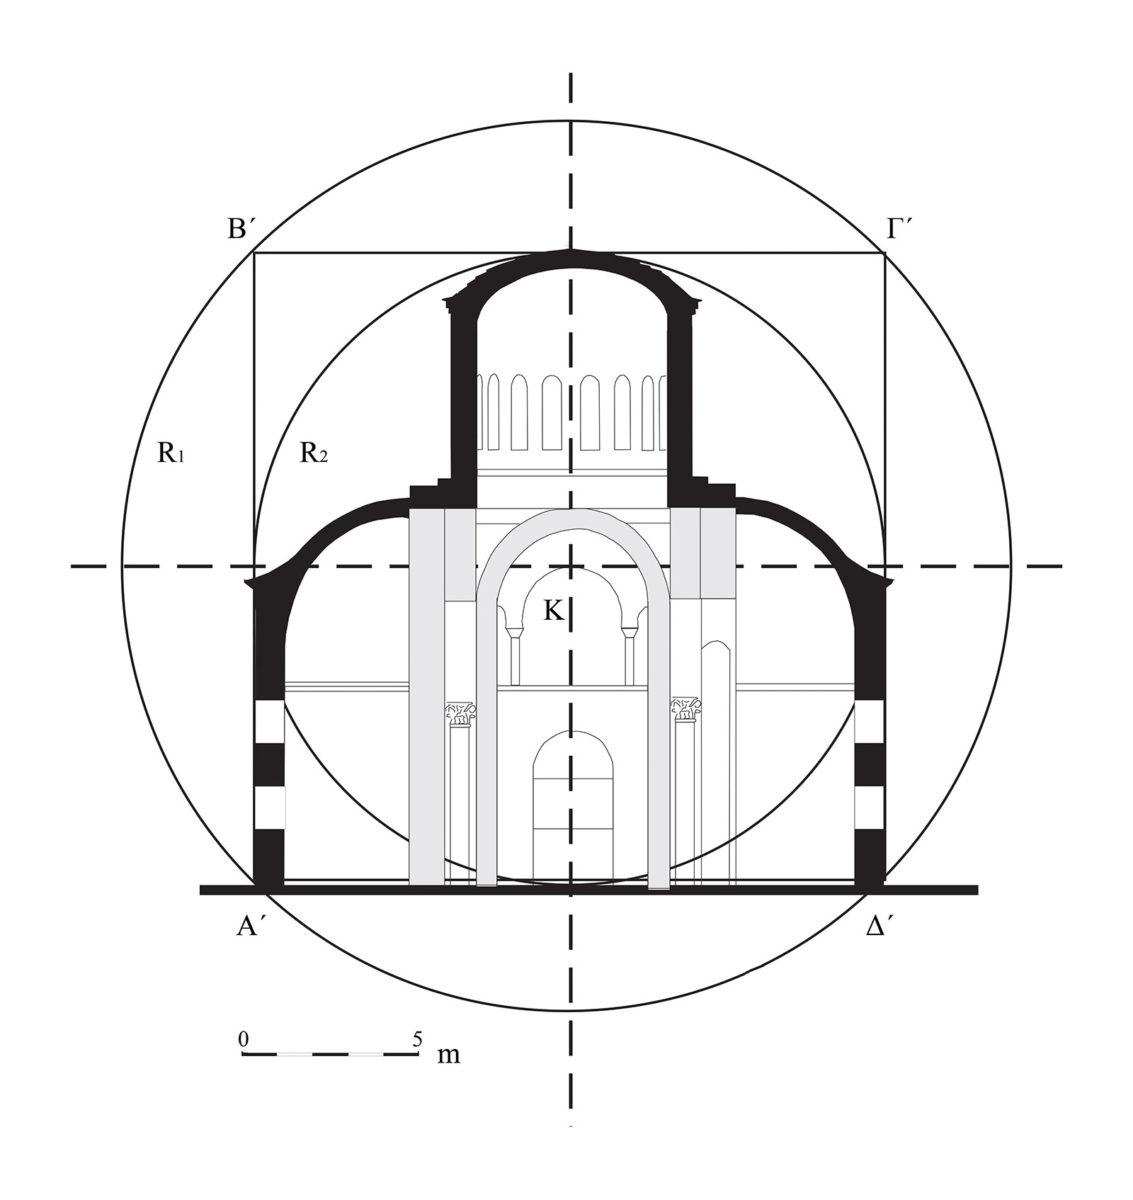 Εικ. 7. Τομή κατά πλάτος. Γεωμετρικός σχεδιασμός.